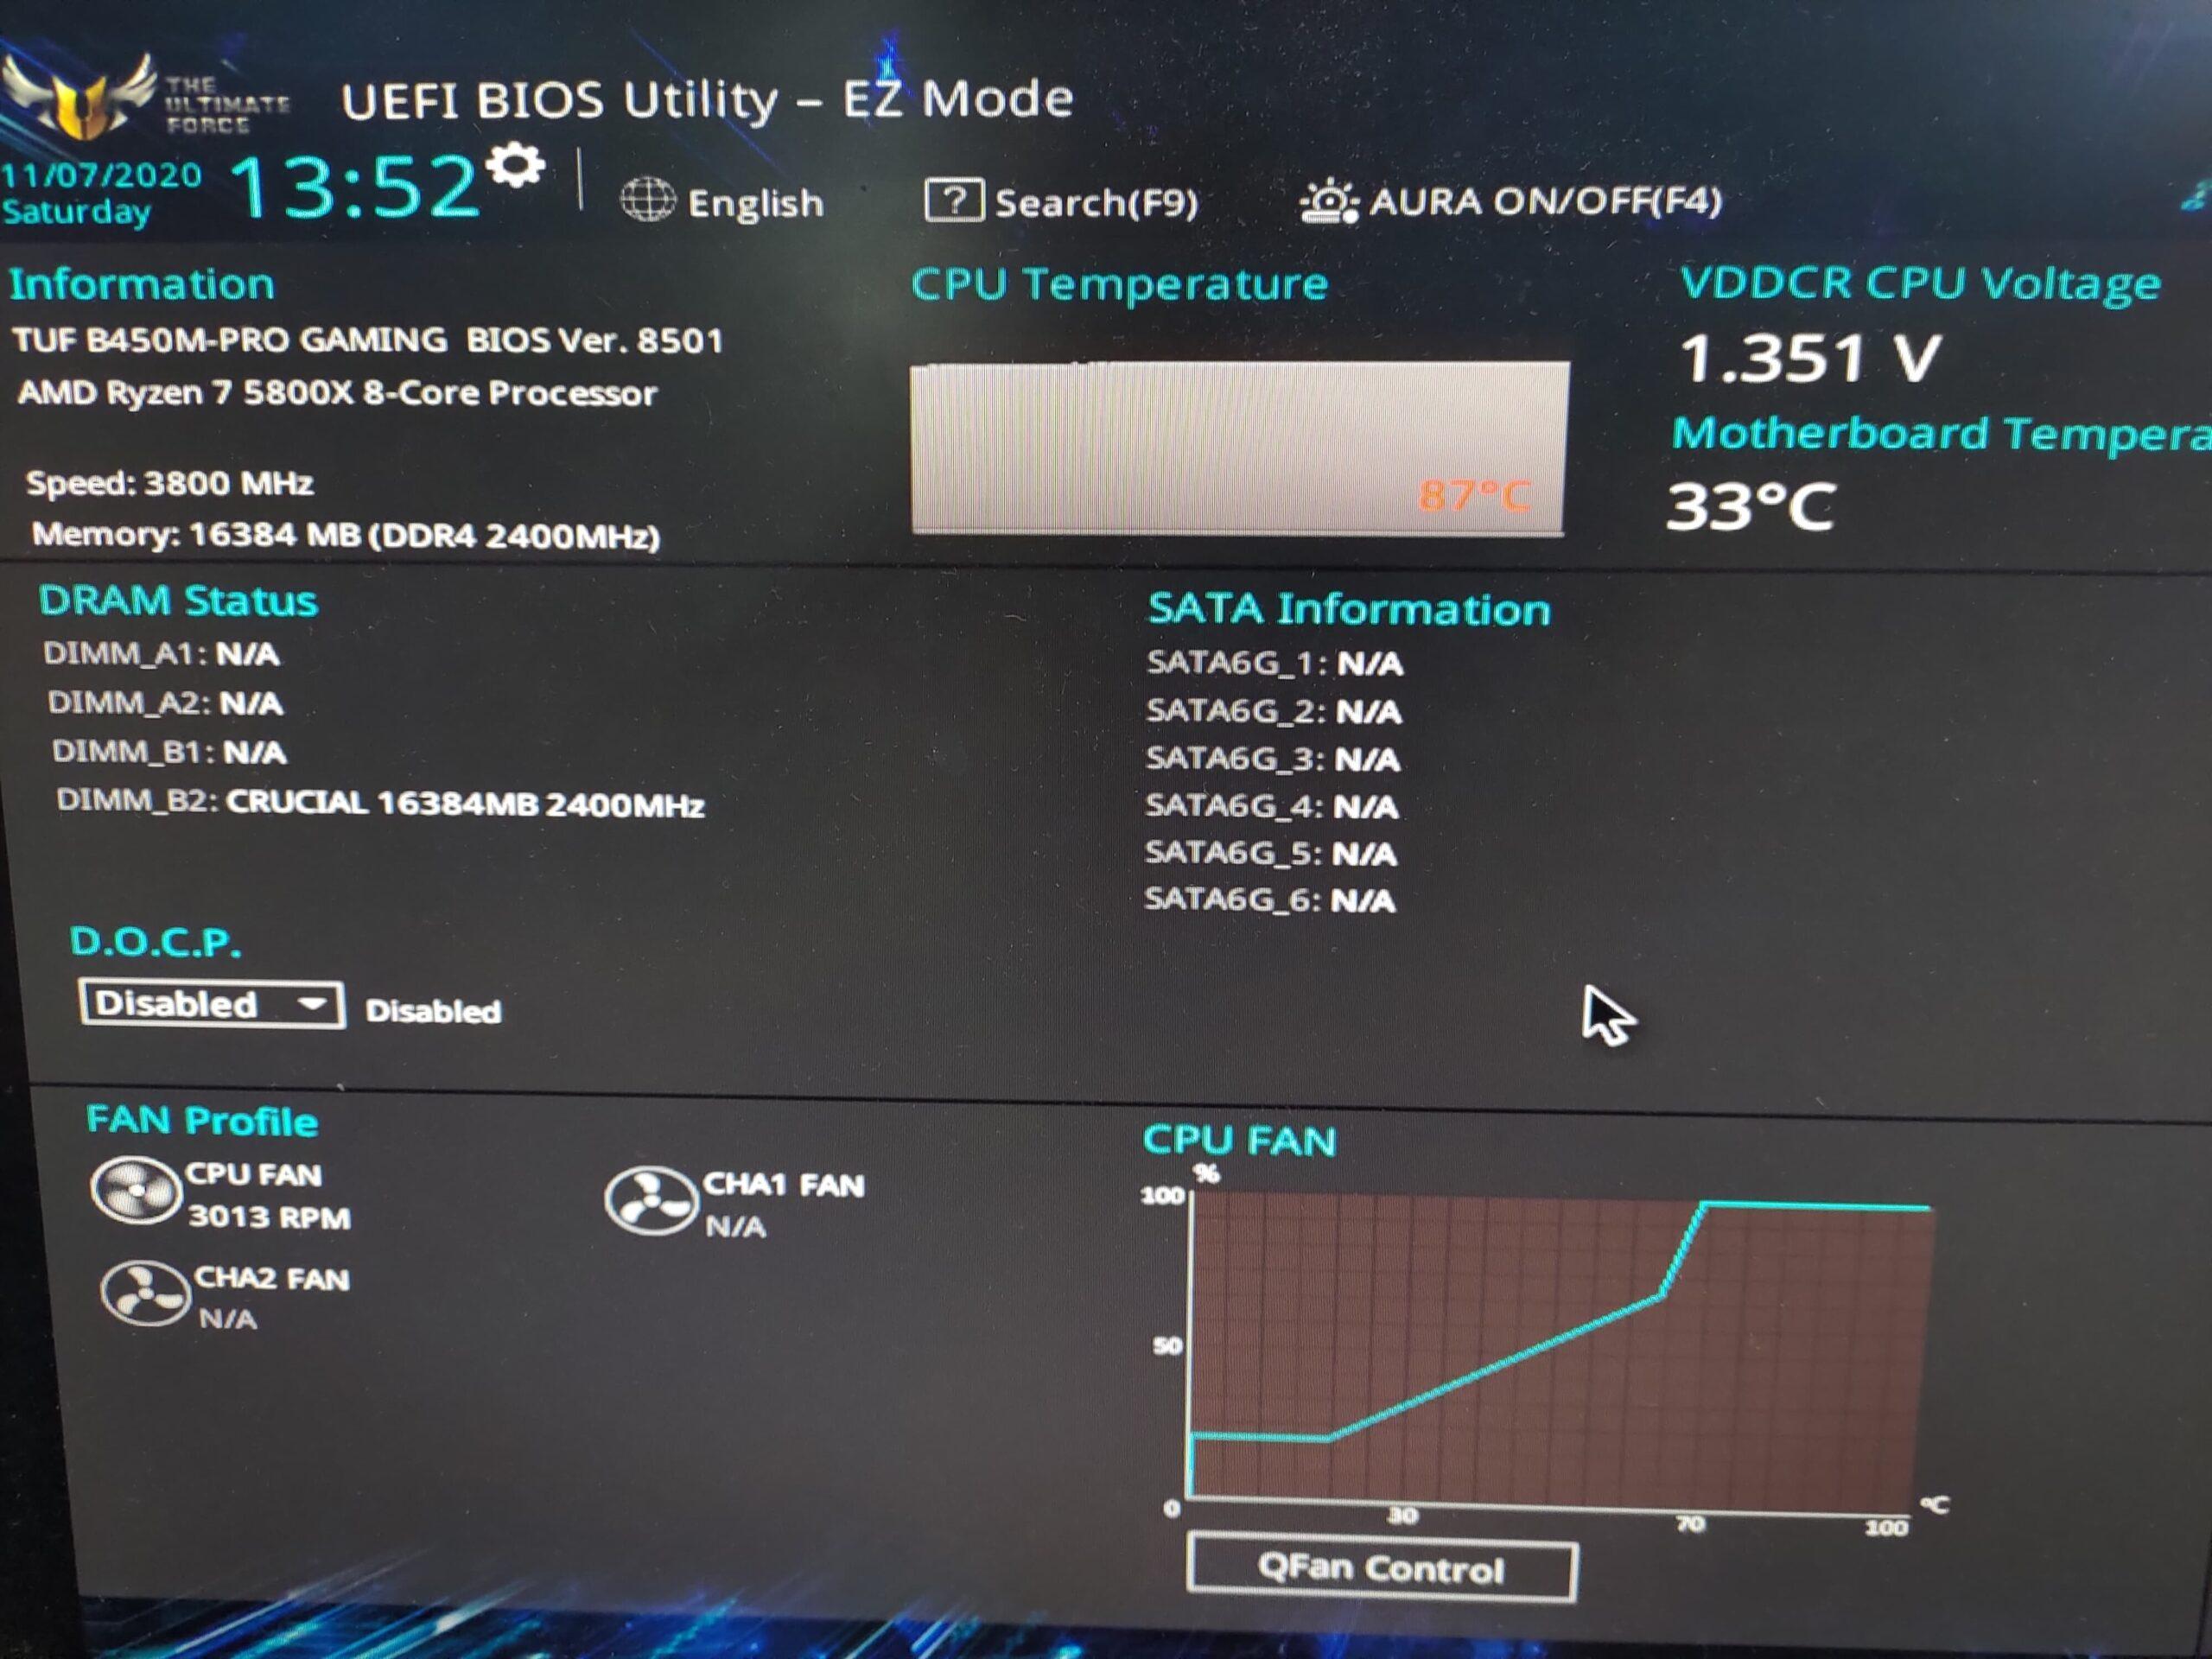 筆者實際用 B450M-PRO GAMING 試刷,換上 5800X 的確能正常開機辨識到 CPU 型號。